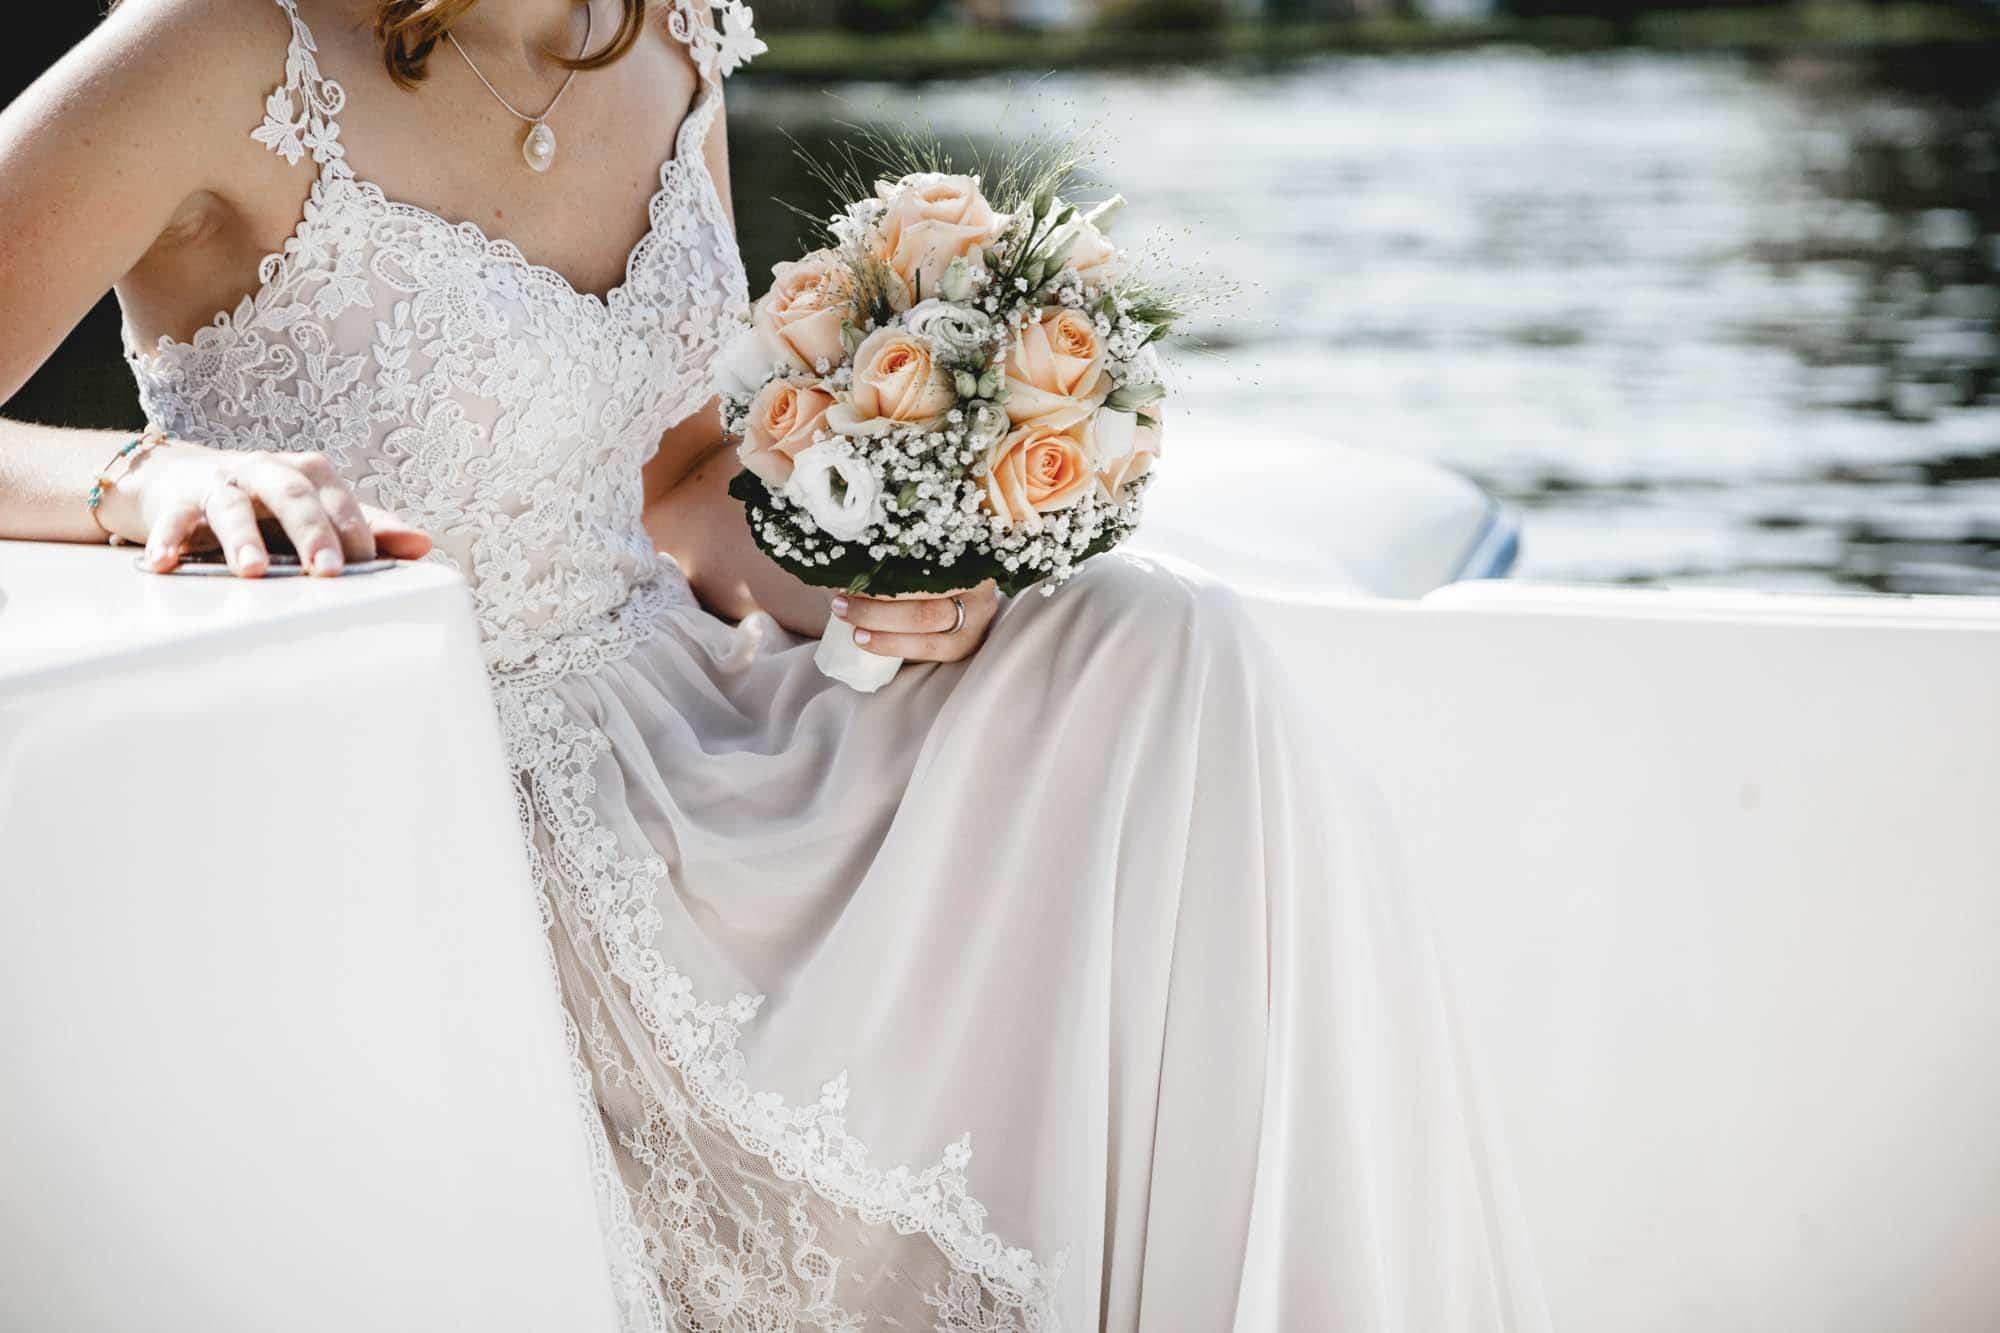 Hochzeitsfotograf Berlin Köpenick Hochzeitsfotos Alina und Felix